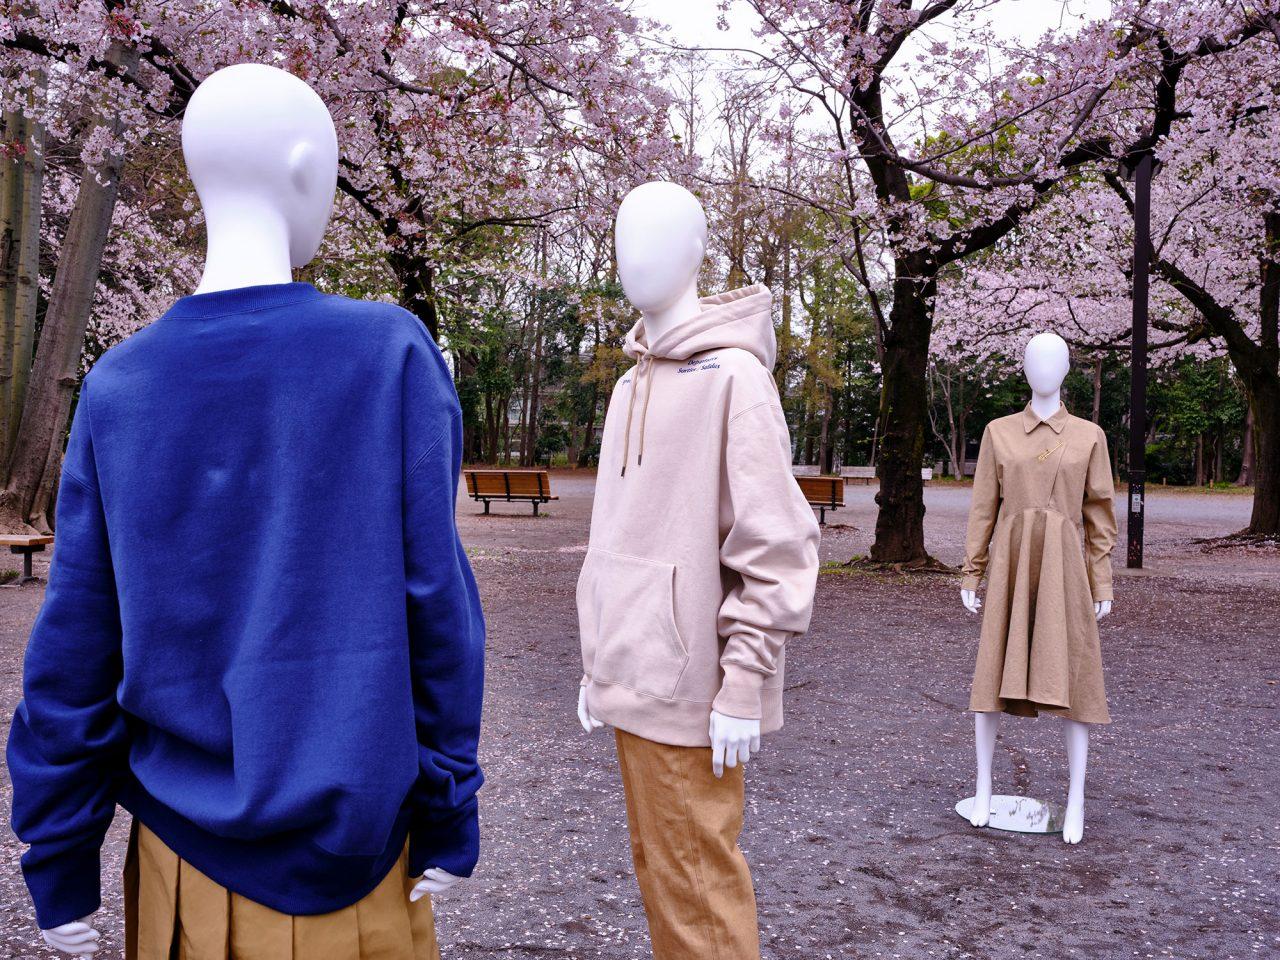 Fall 2020 Never Lonely | 移民をテーマに、さまざまな国から輸入された古着の型を複製して制作。異なる背景を持った洋服同士が組み合わさり、本来の役割を変化させていく。洋服の在り方を考えるコレクション。パスポートや安全ピンなどがモチーフになっている。Photography: Mauricio Guillen